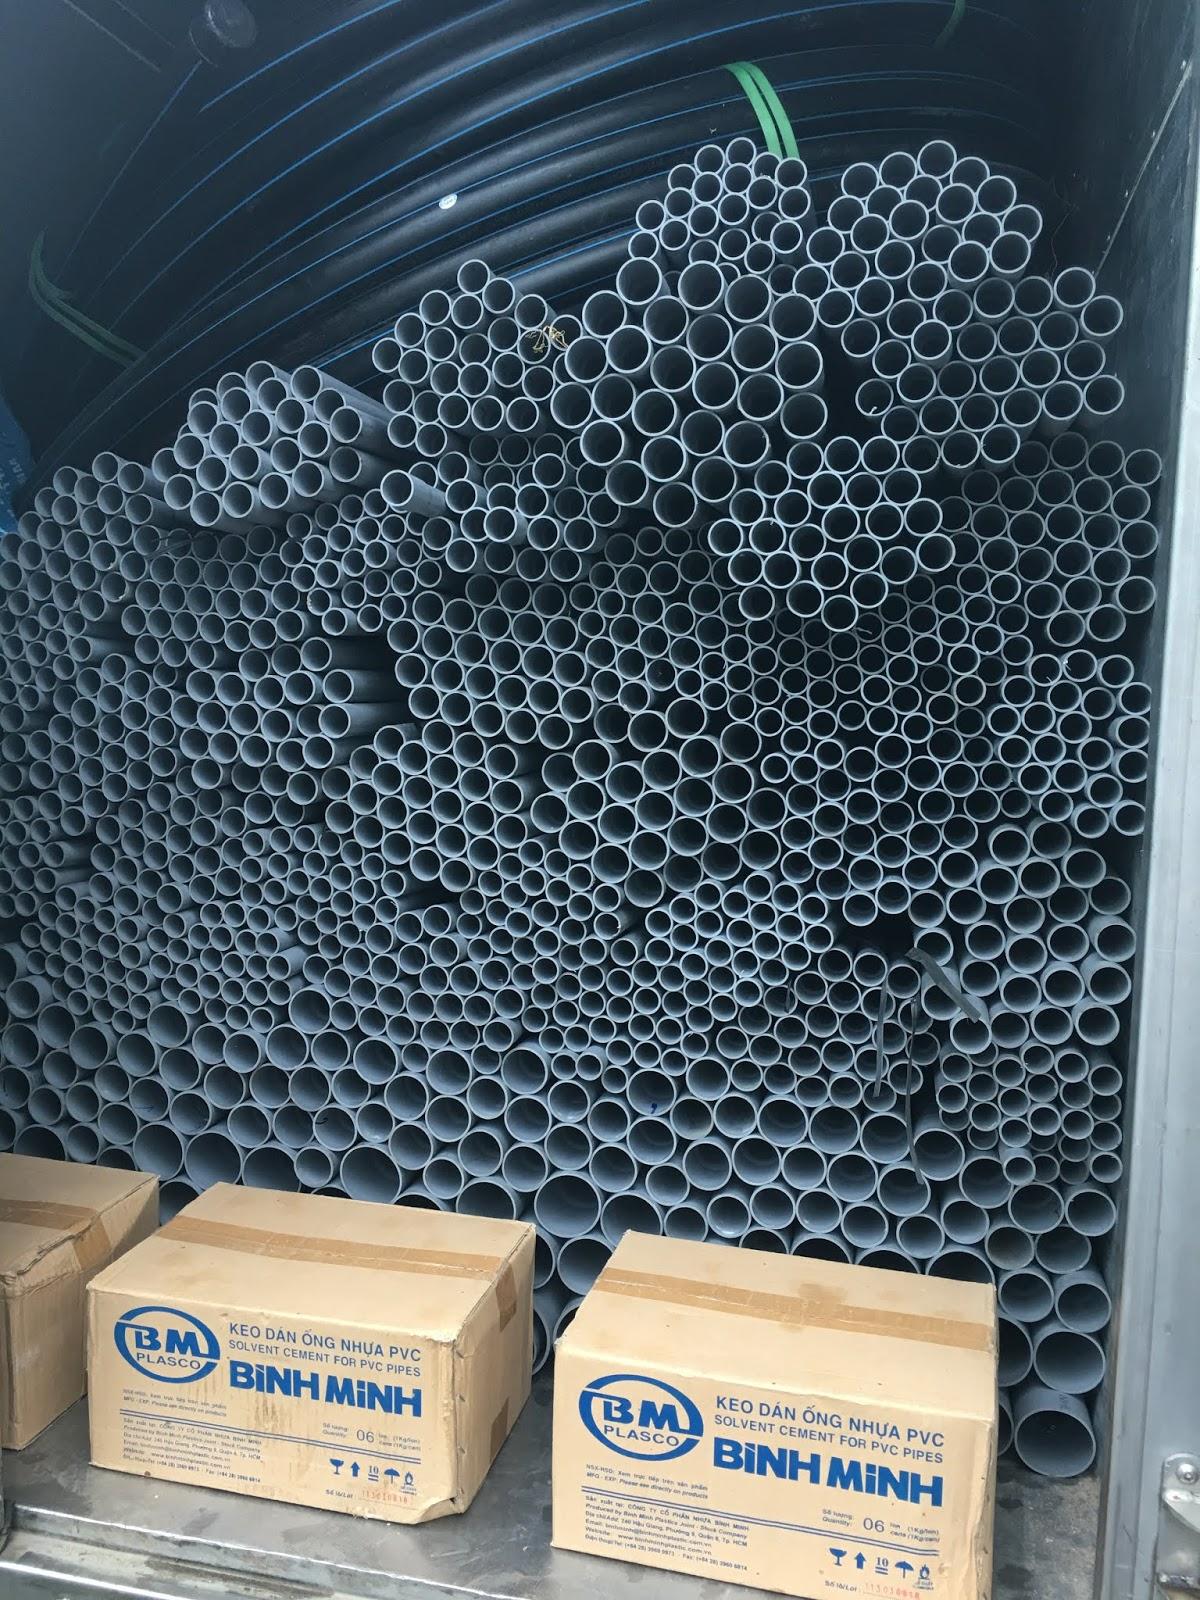 ống nhựa bình minh 2018 2019